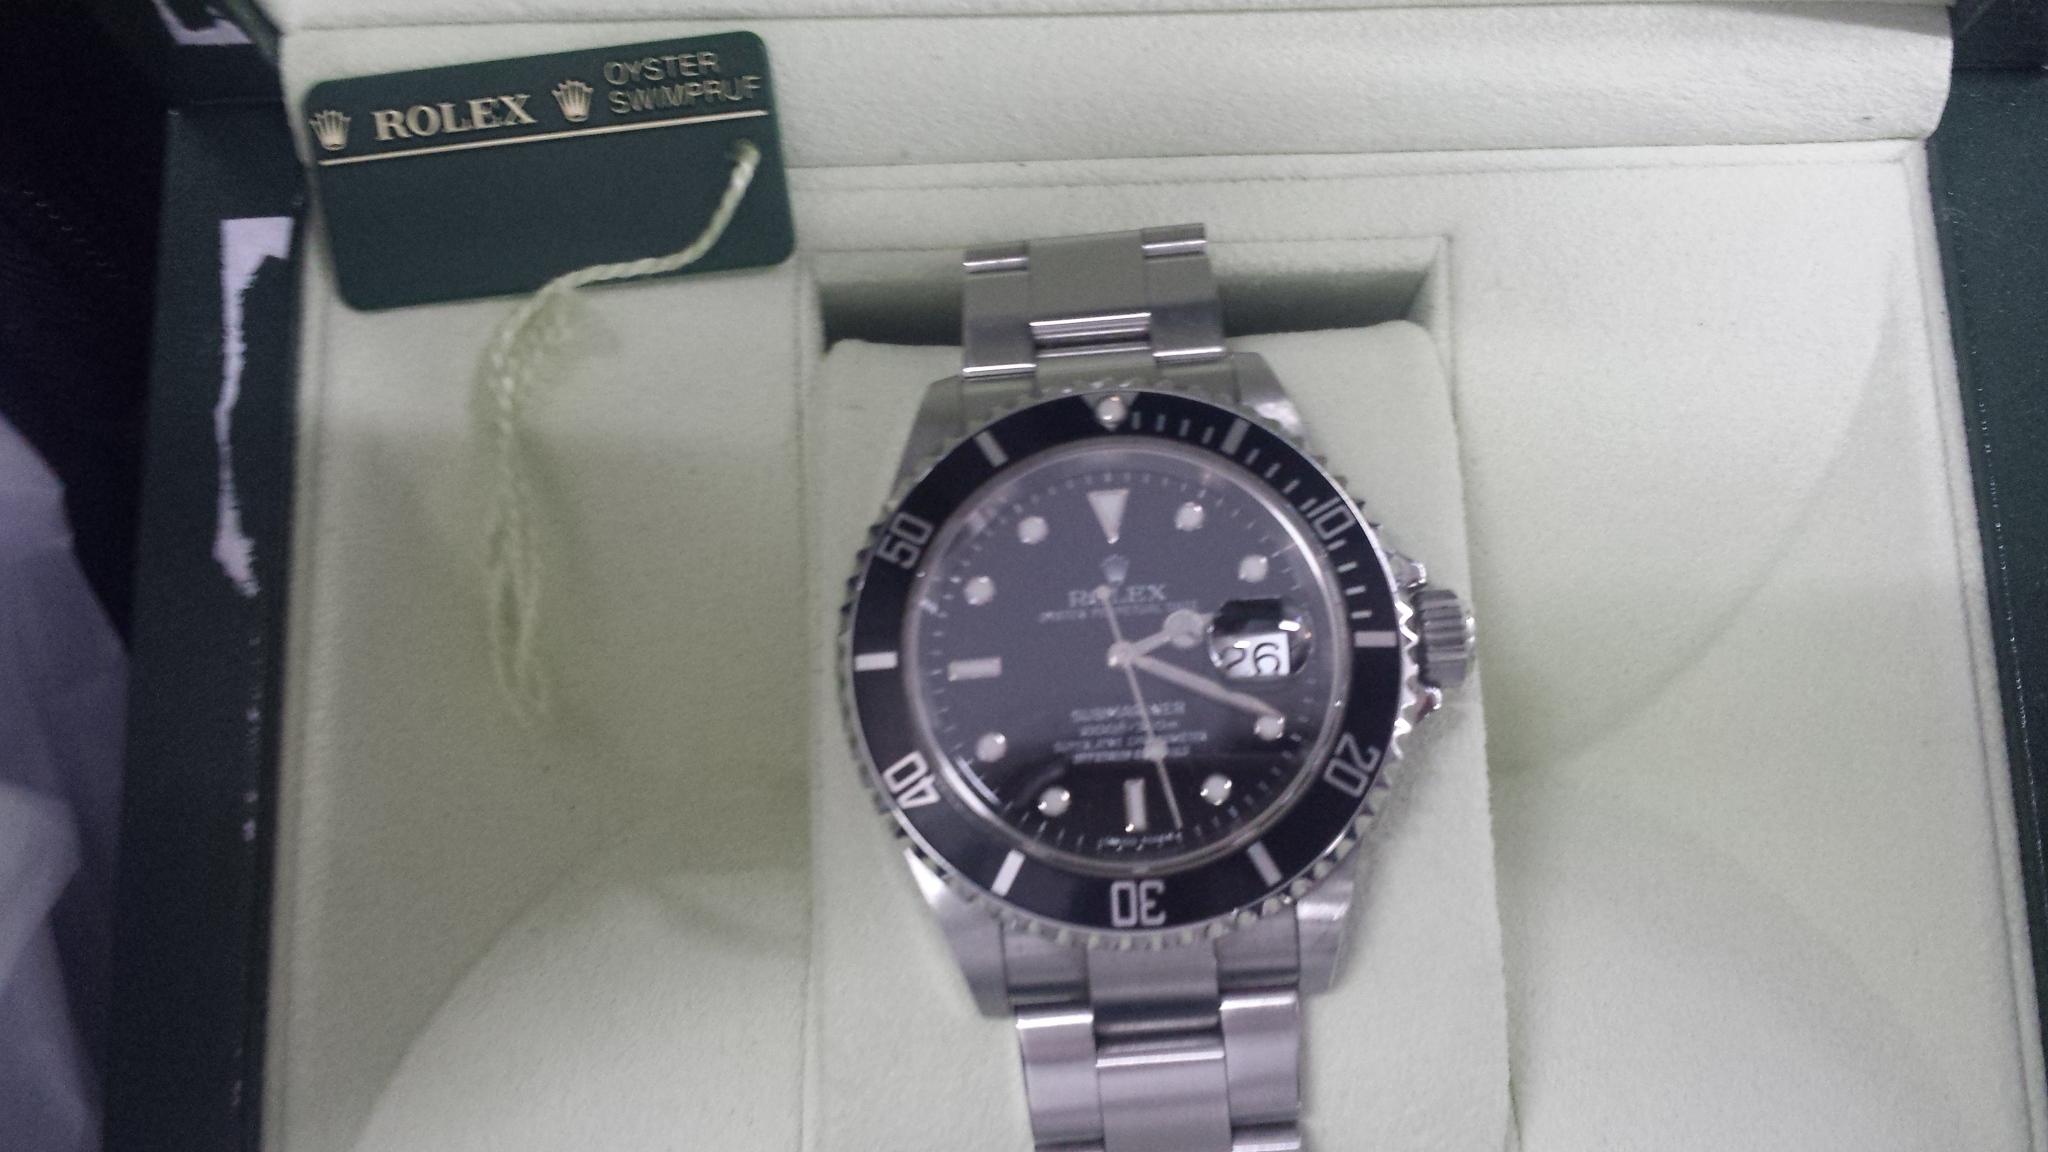 ブランド「ロレックス」商品名「サブマリーナー」型番「16610」カラー「ブラック」